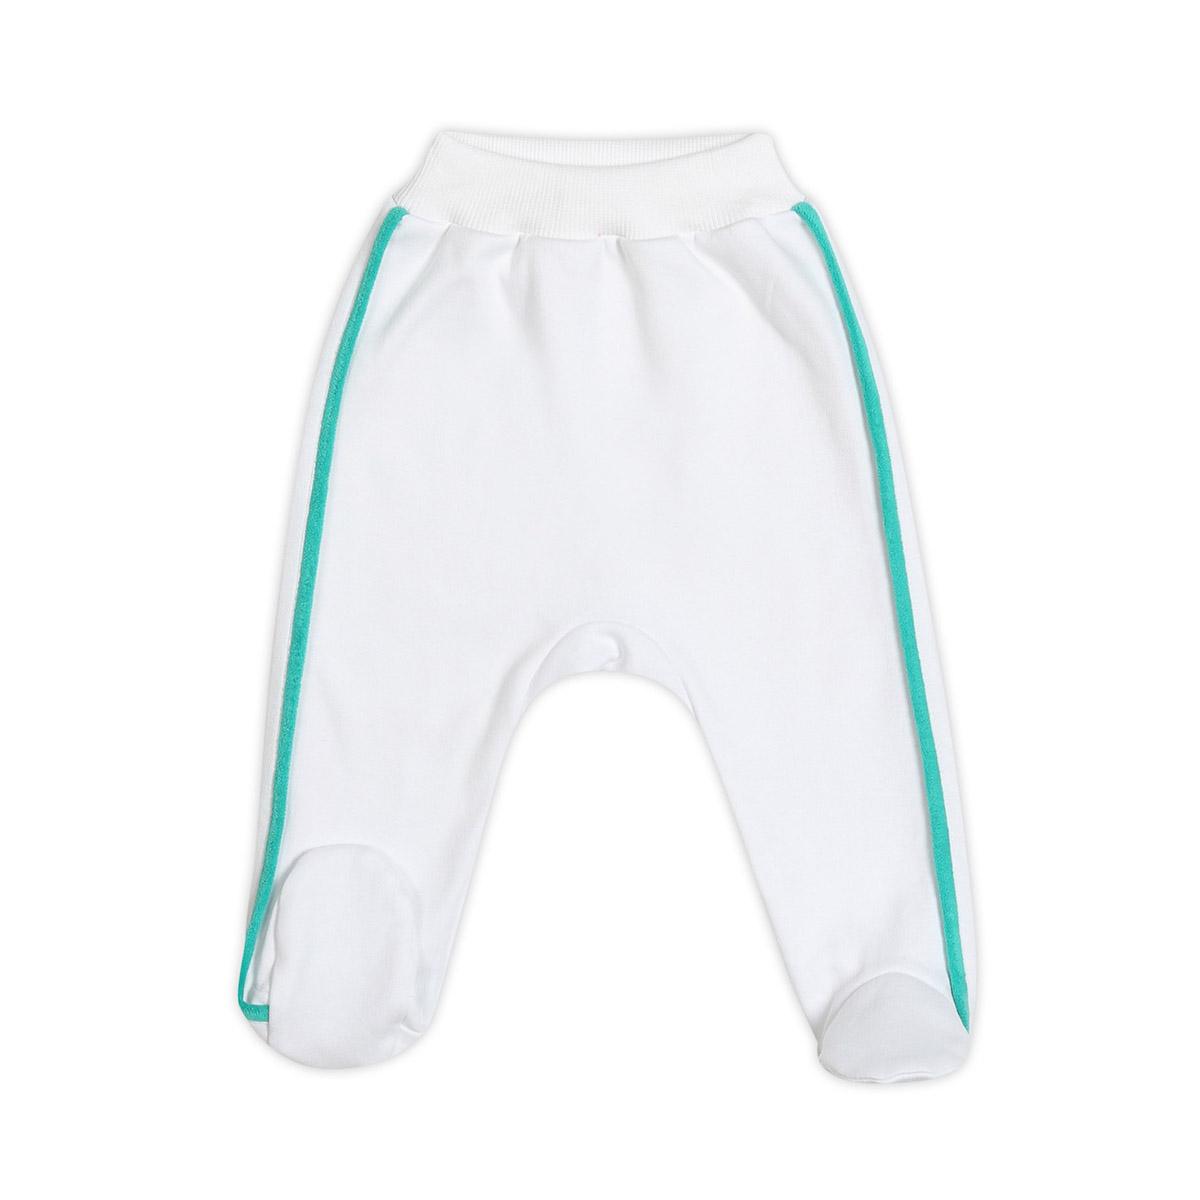 Ползунки с ножками Ёмаё Спорт (26-265) рост 56 белый<br>